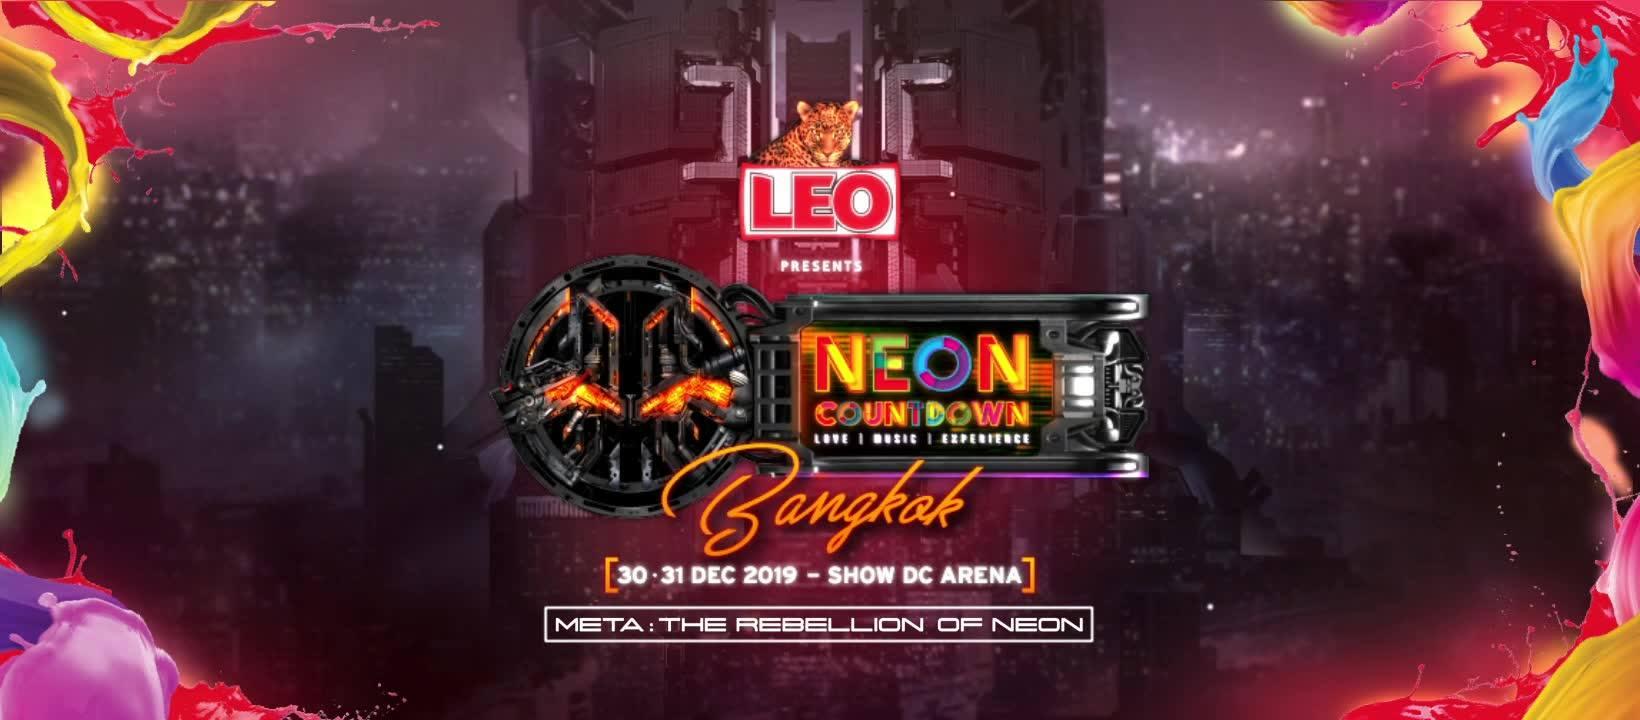 準備好你的螢光漆,亞洲最大螢光彩繪跨年音樂節 NEON : Coundown 要來啦!